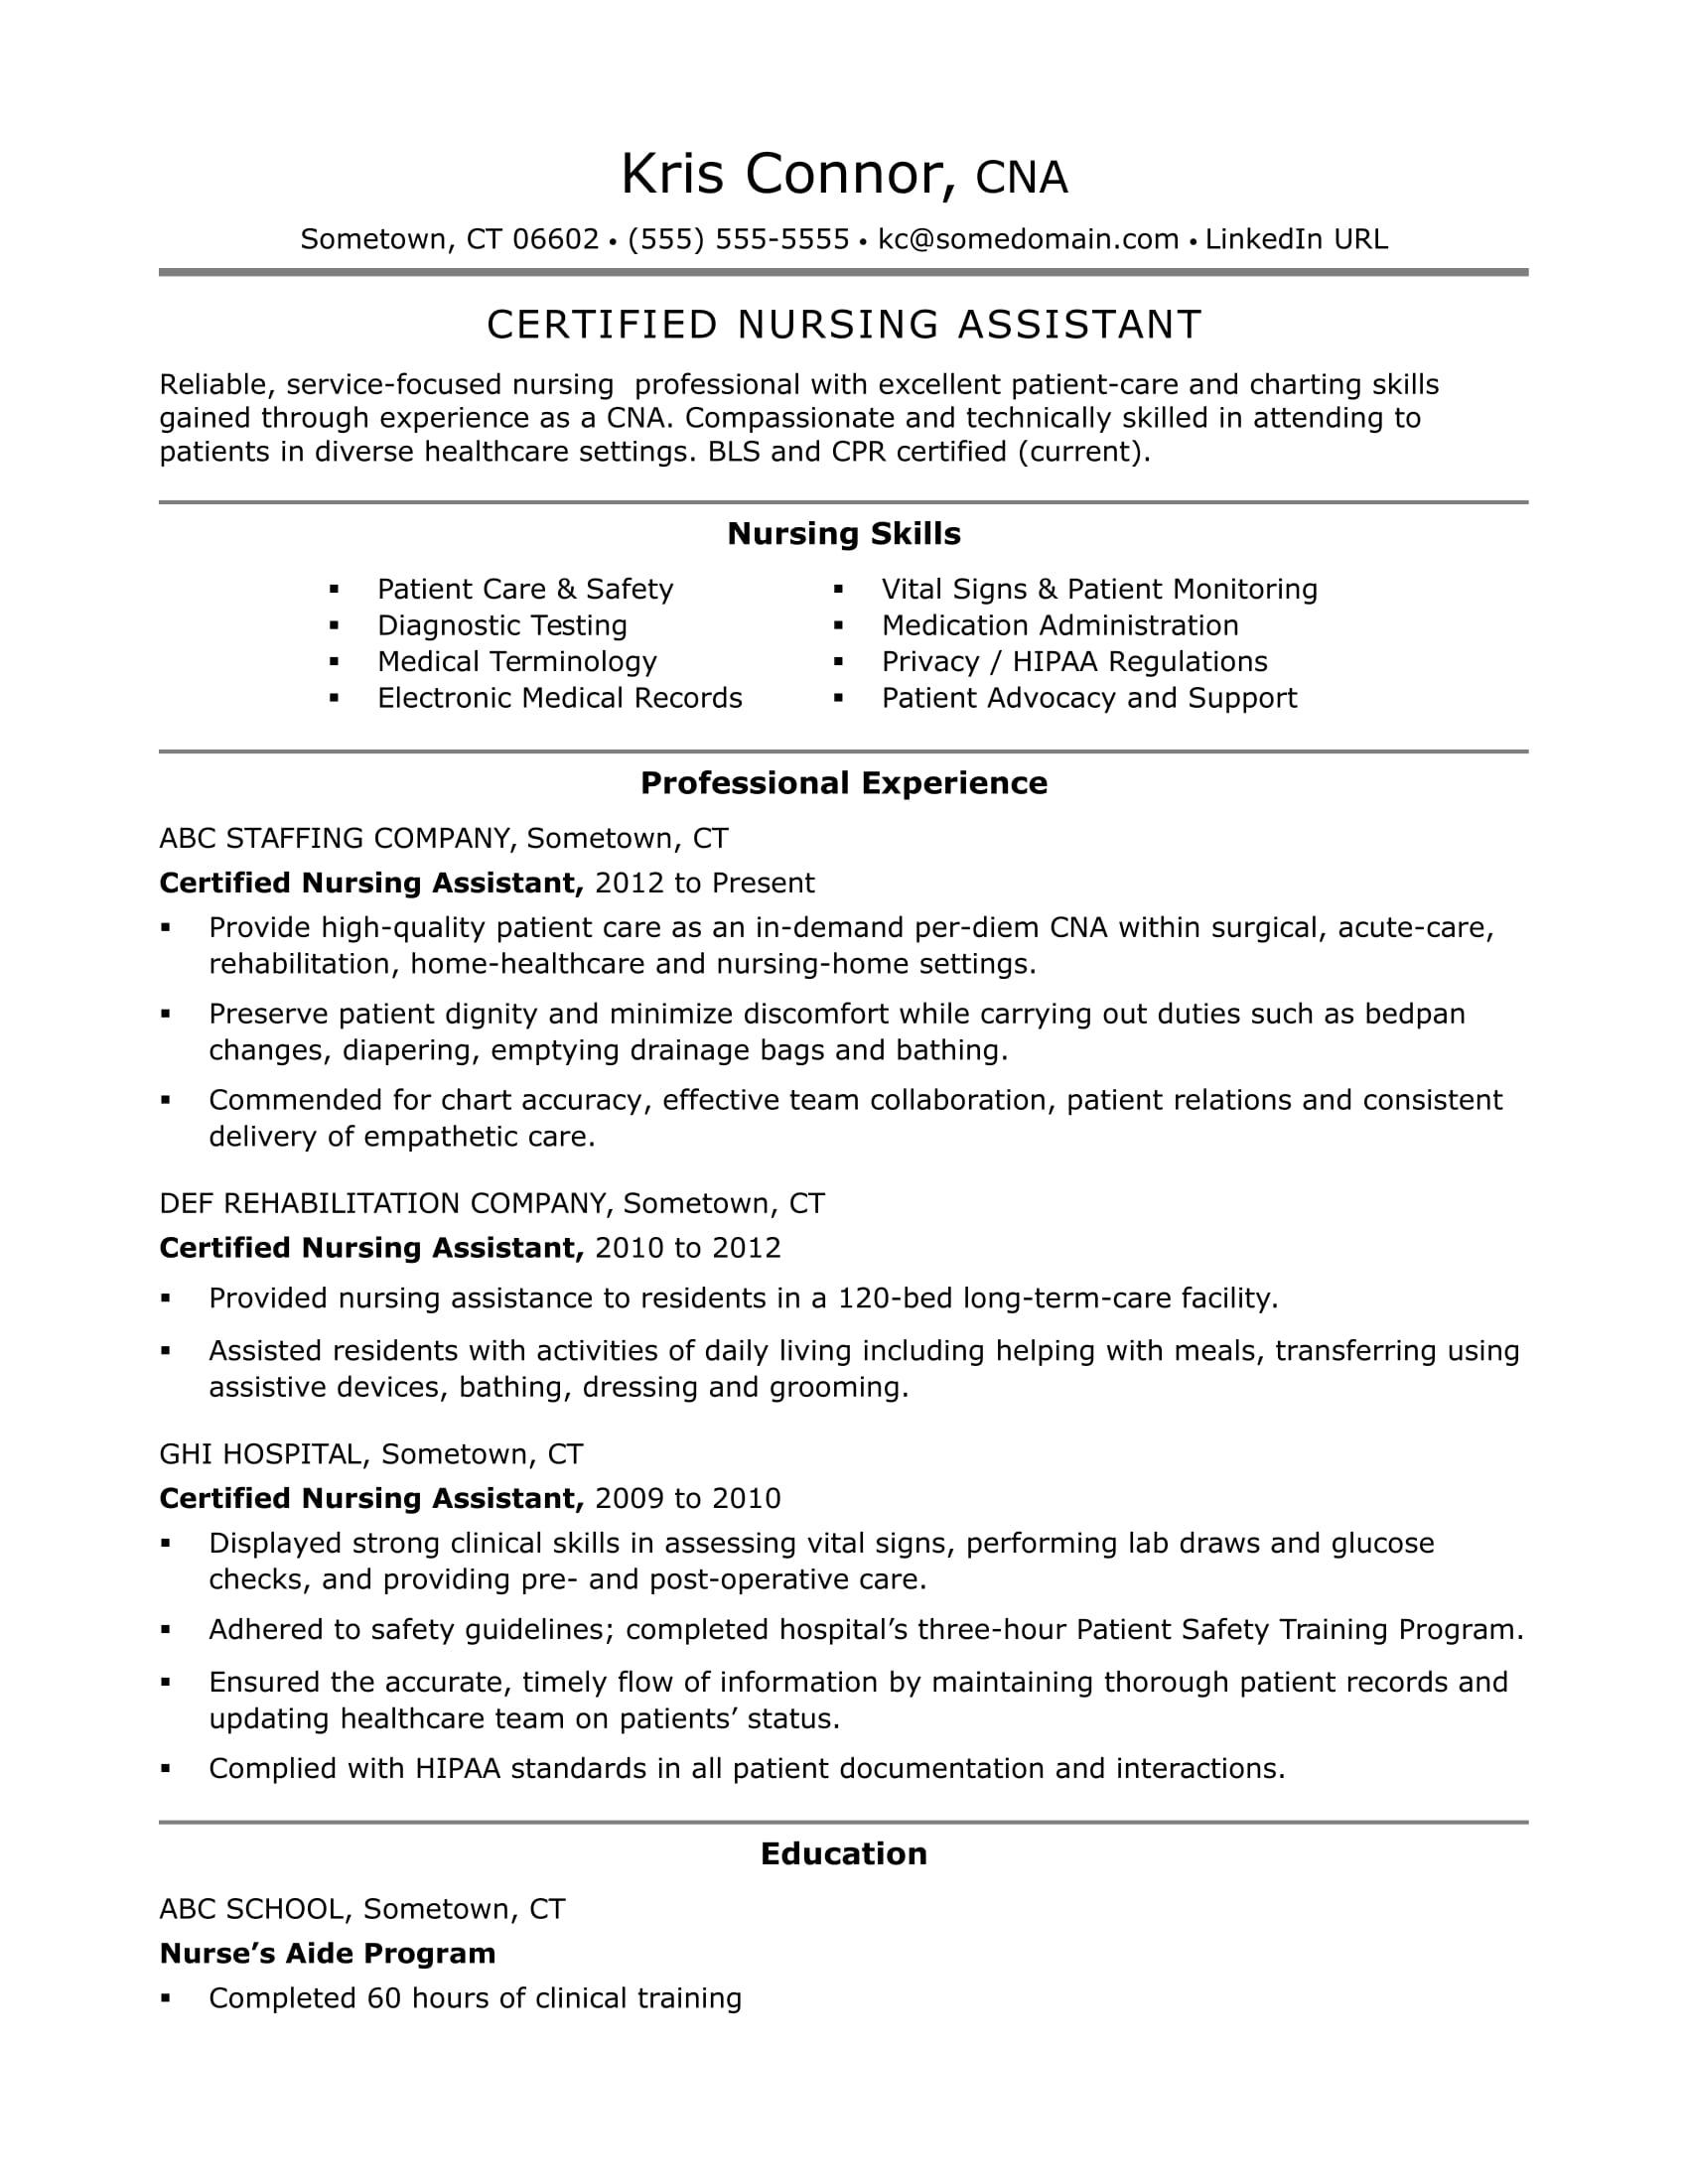 Cna Resume Examples Skills For Cnas Monster Com